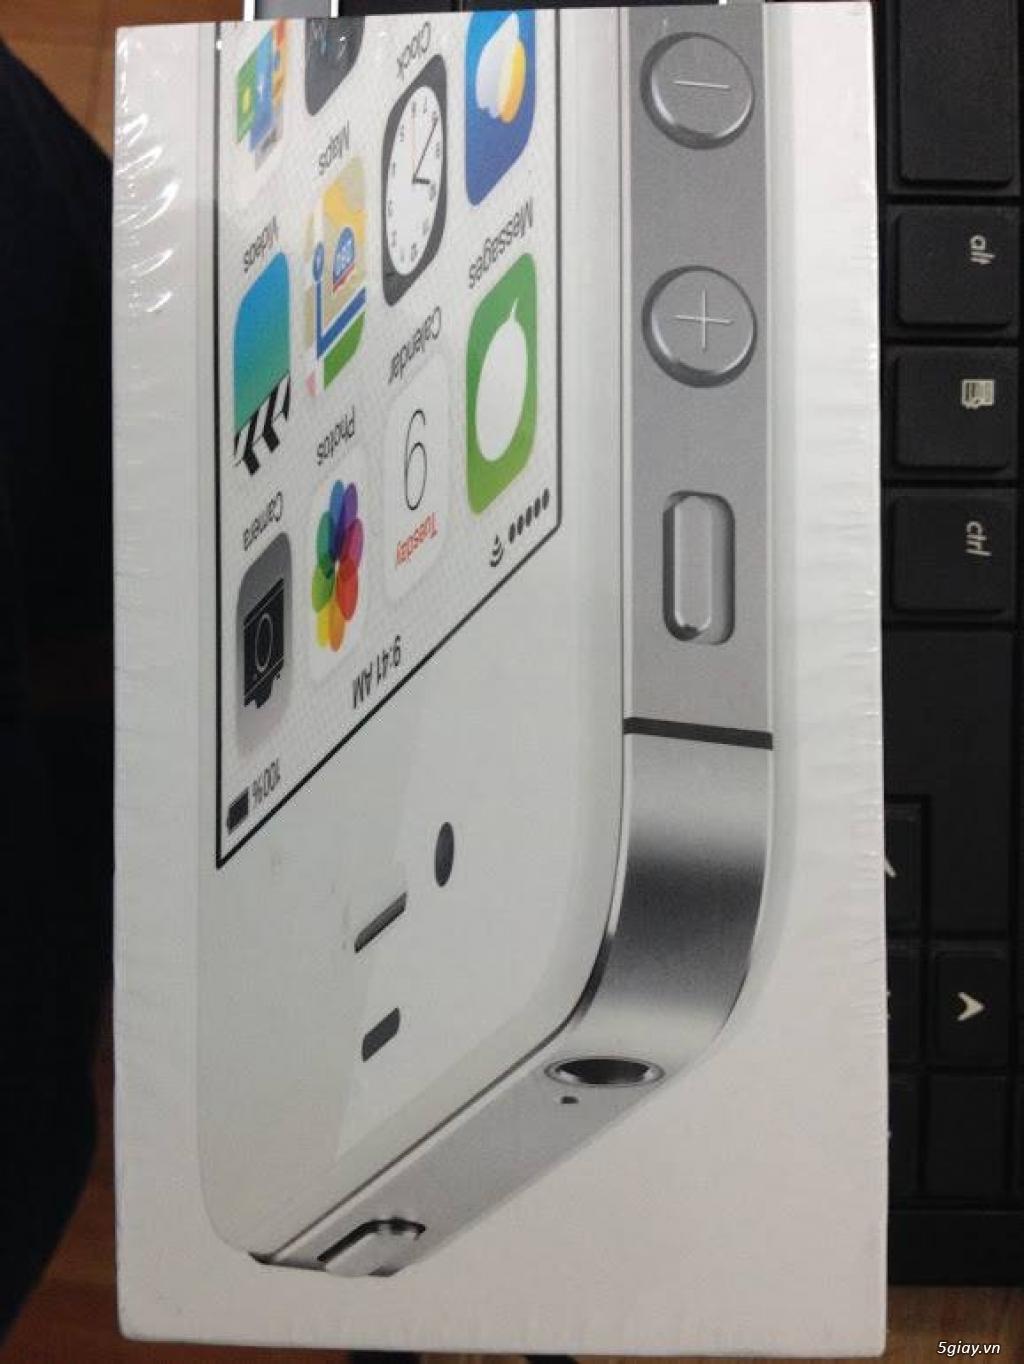 iPhone 4S quốc tế mới 100% chưa active nguyên seal chỉ 2.399.000 đồng - 11